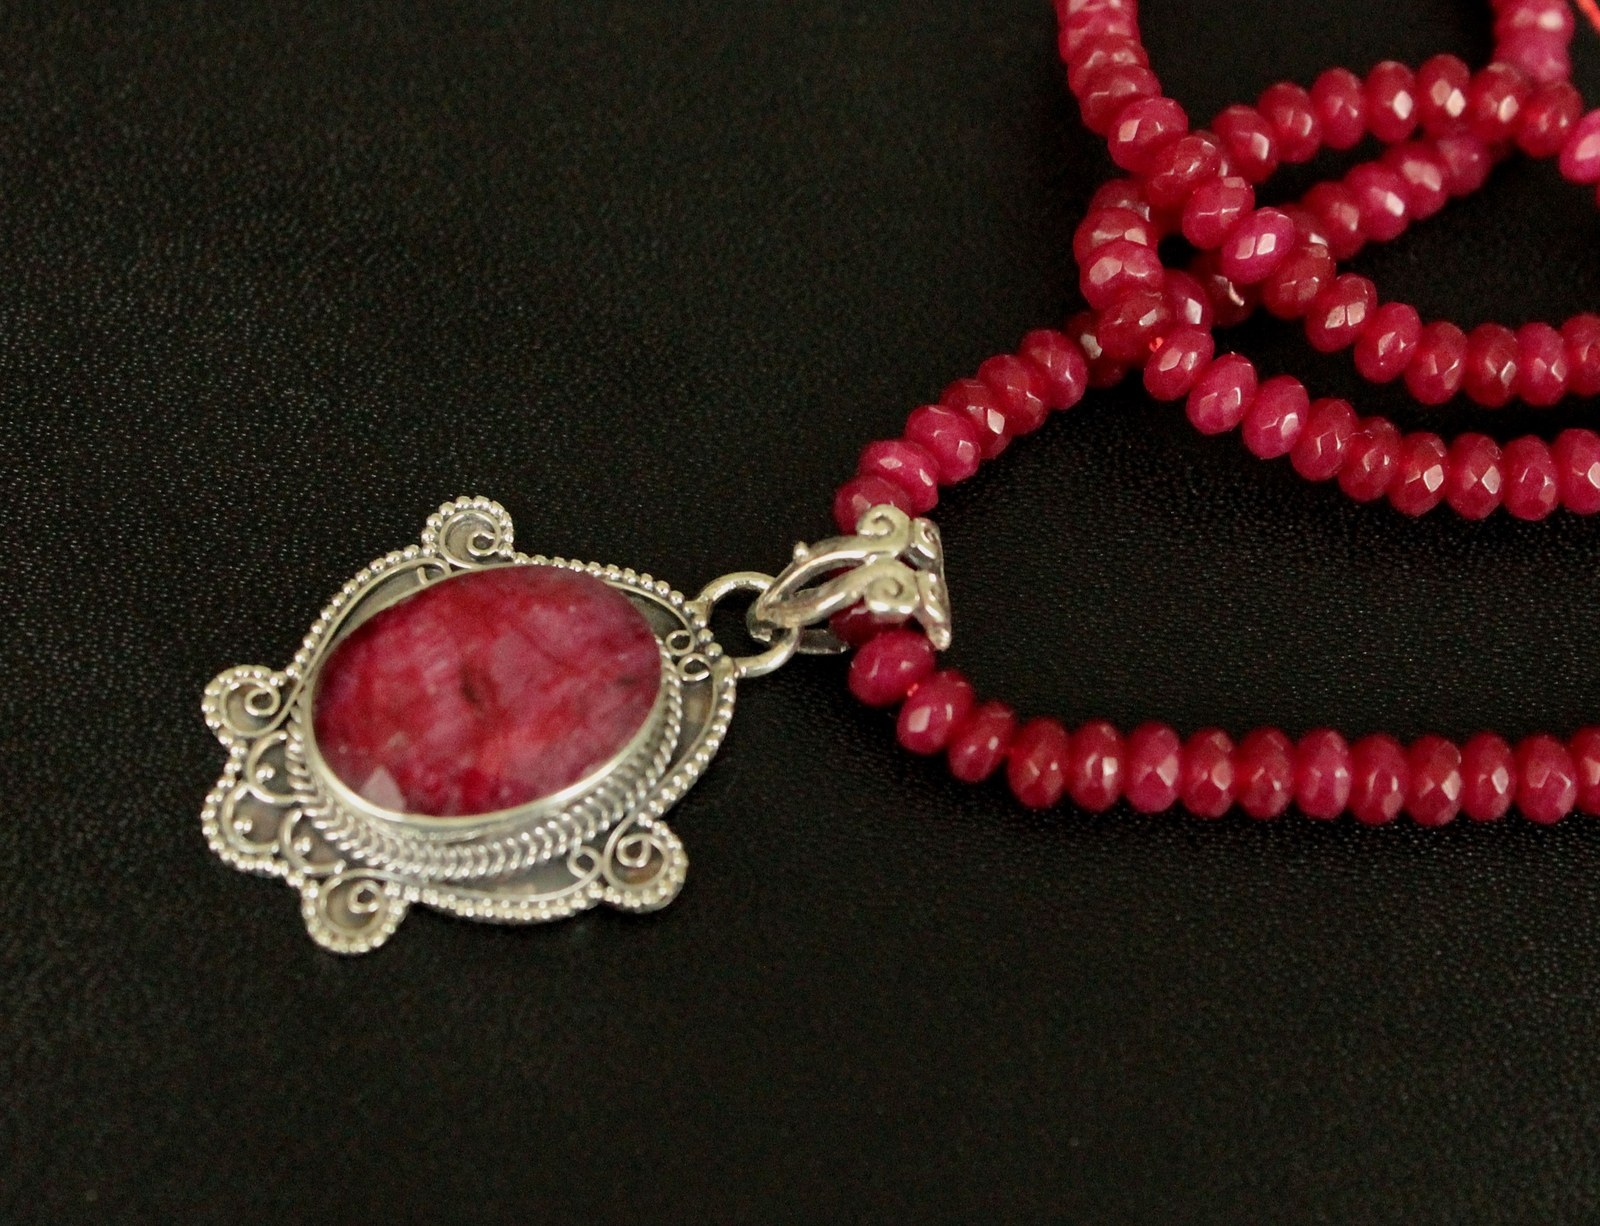 Rubínový náhrdelník stříbro 925 1000   Zboží prodejce angeli  cdfc0bb3aed